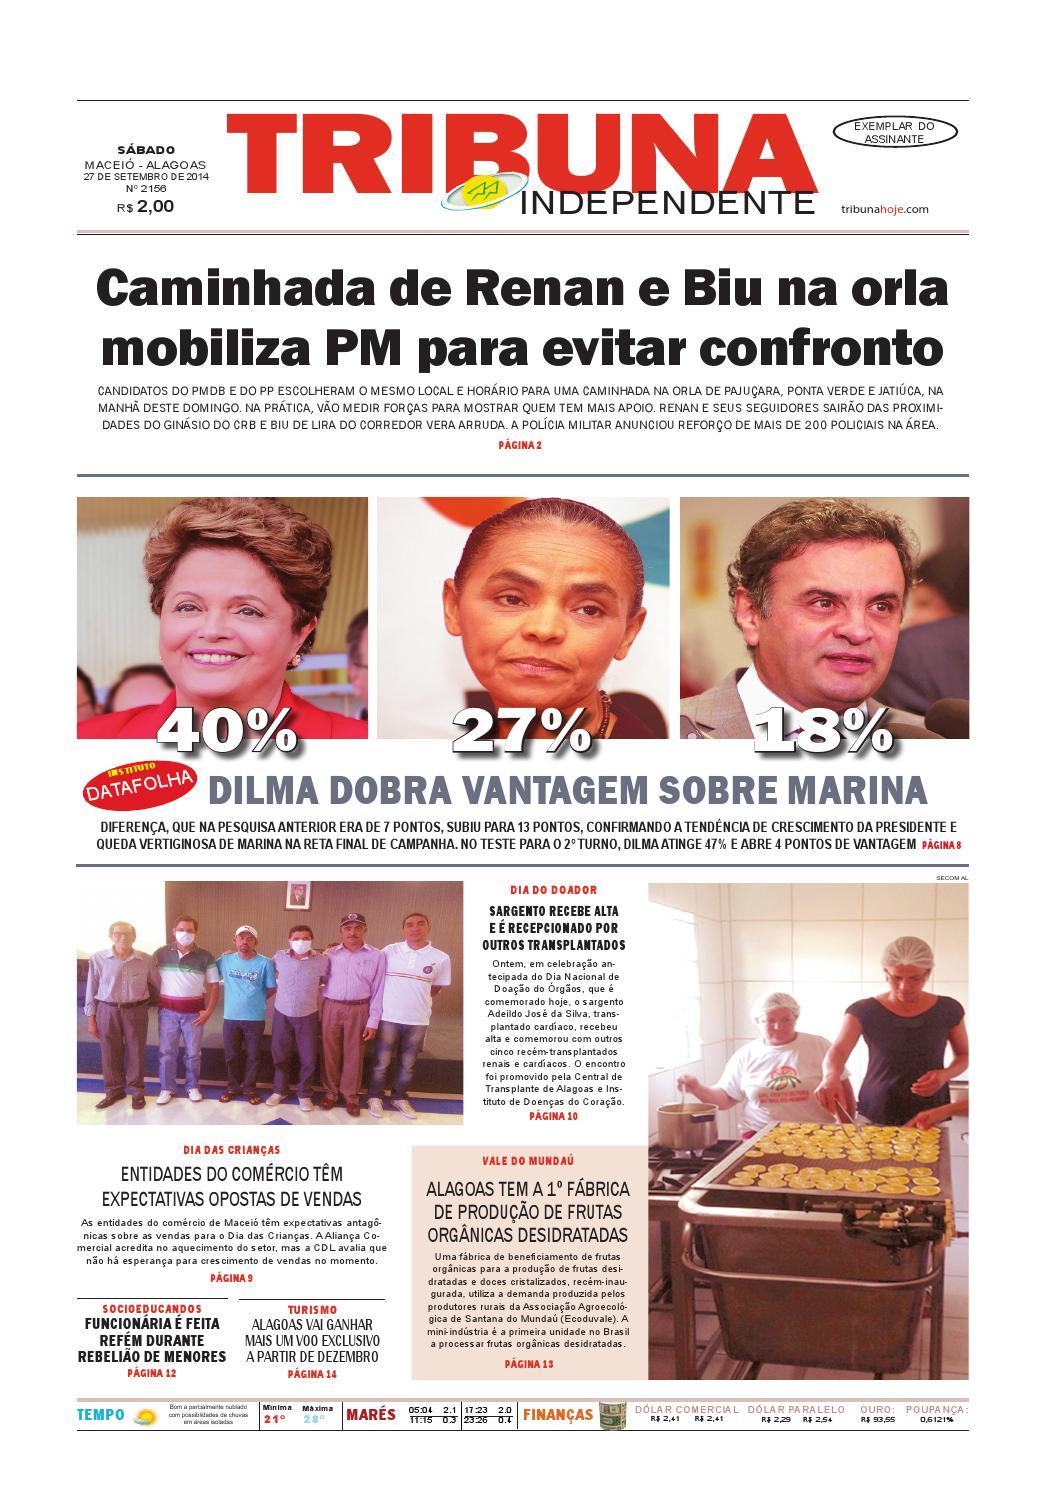 590a716340f Edição número 2157 - 27 de setembro de 2014 by Tribuna Hoje - issuu